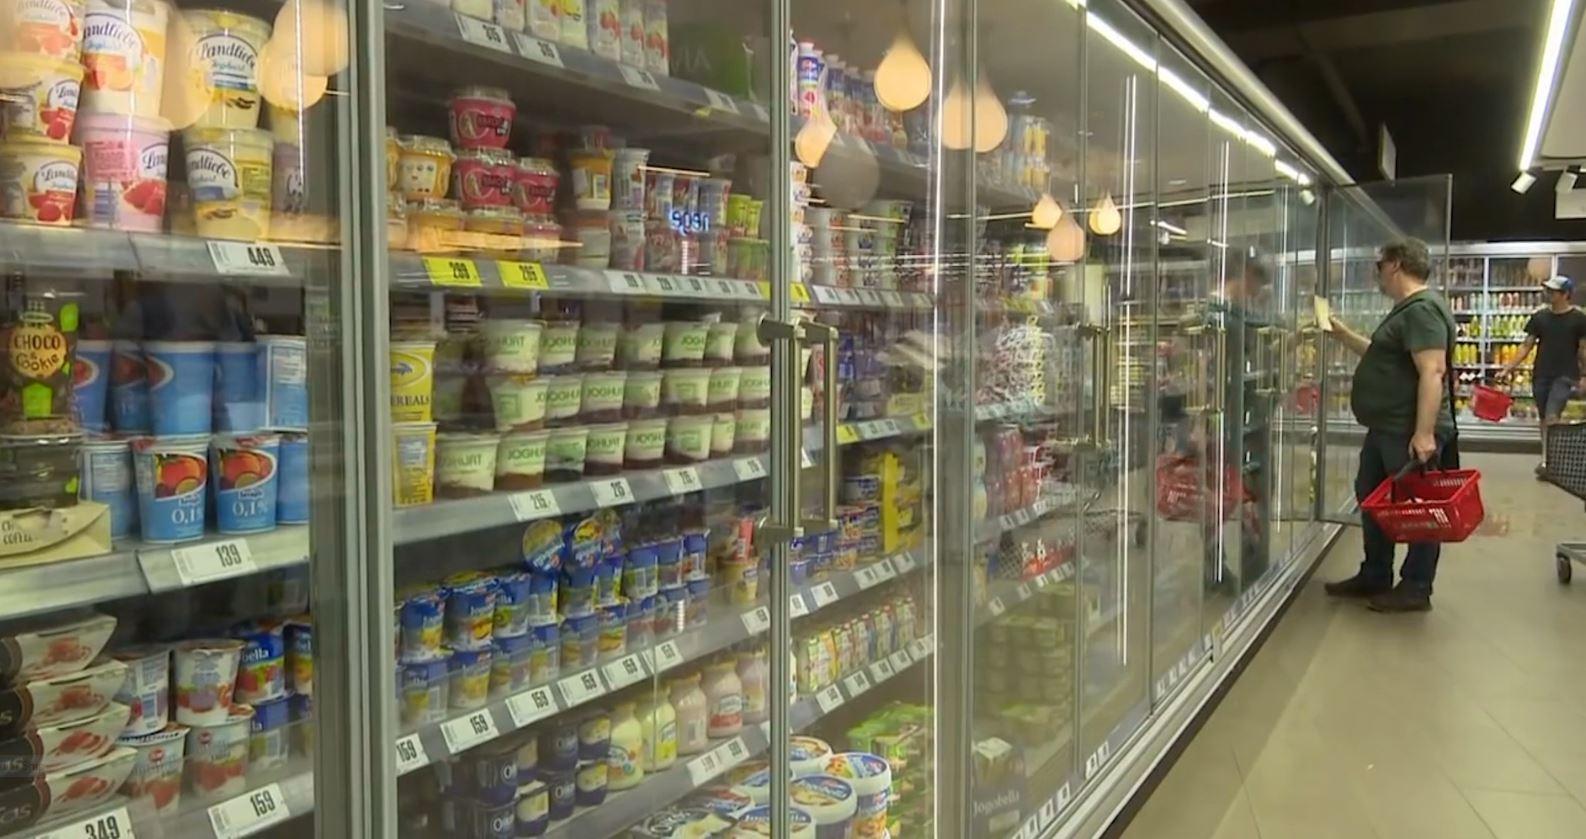 1/3 e ushqimeve në BE kanë etiketë të njëjtë, por përbërës të ndryshëm